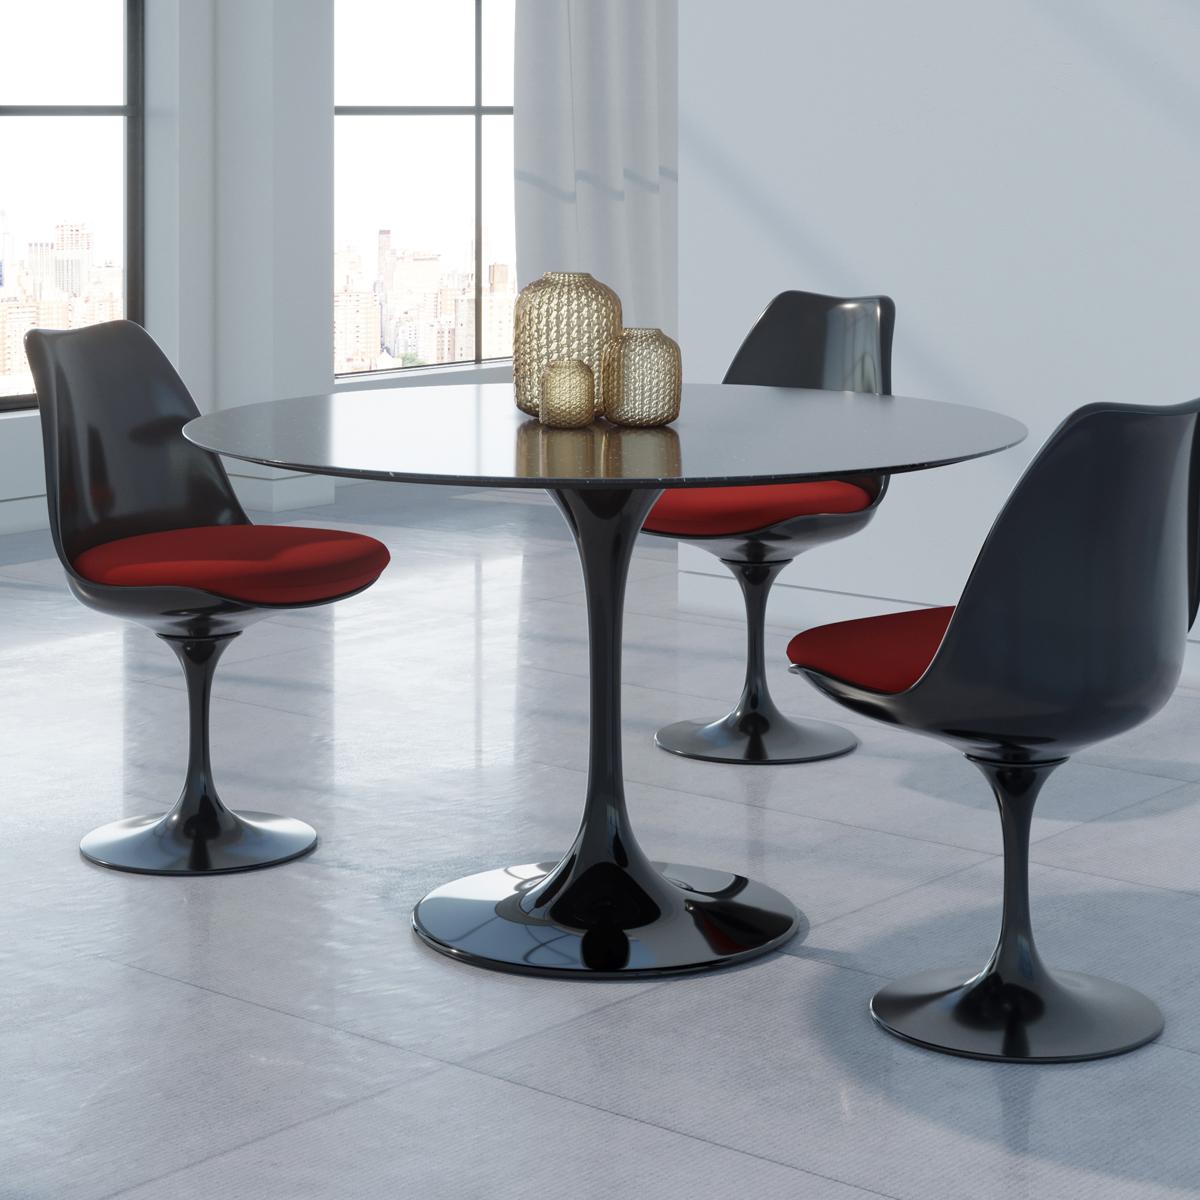 Saarinen Tulip Round Marble Dining Table